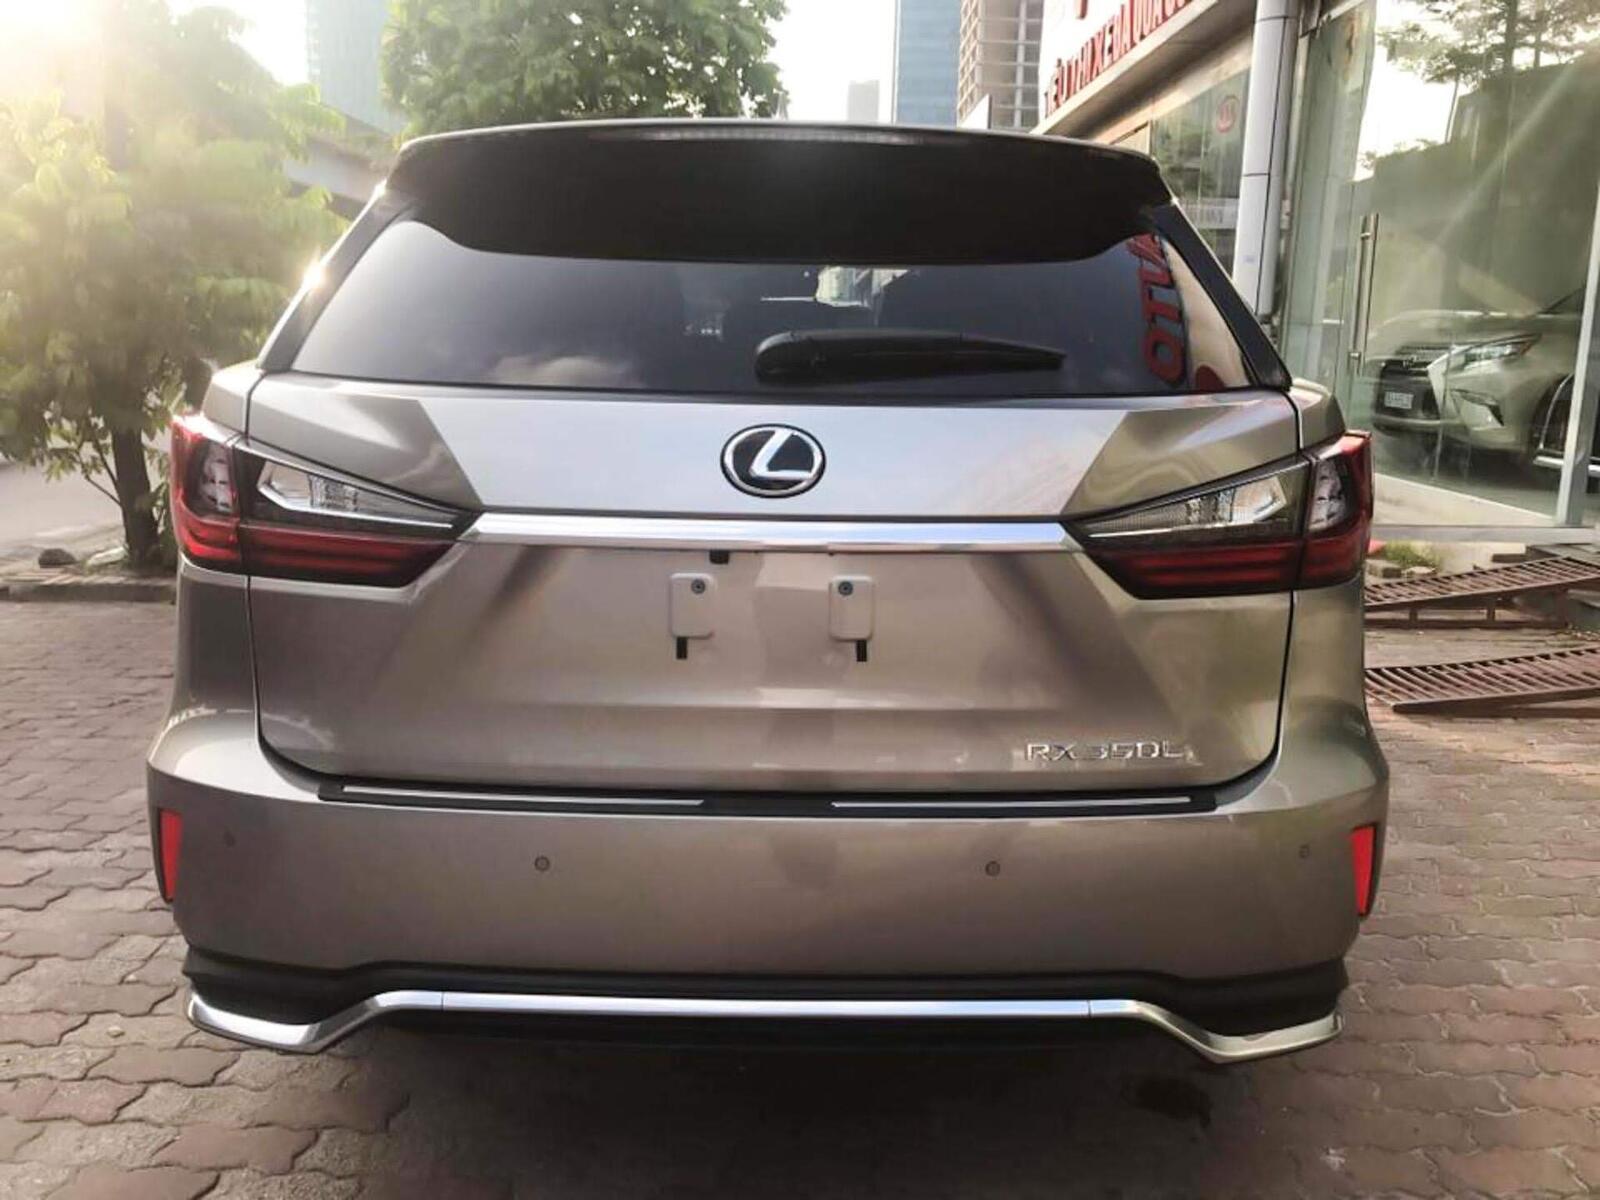 Lexus RX 350L 2018 phiên bản 7 chỗ đã về Việt Nam; giá không dưới 4,9 tỷ đồng - Hình 4